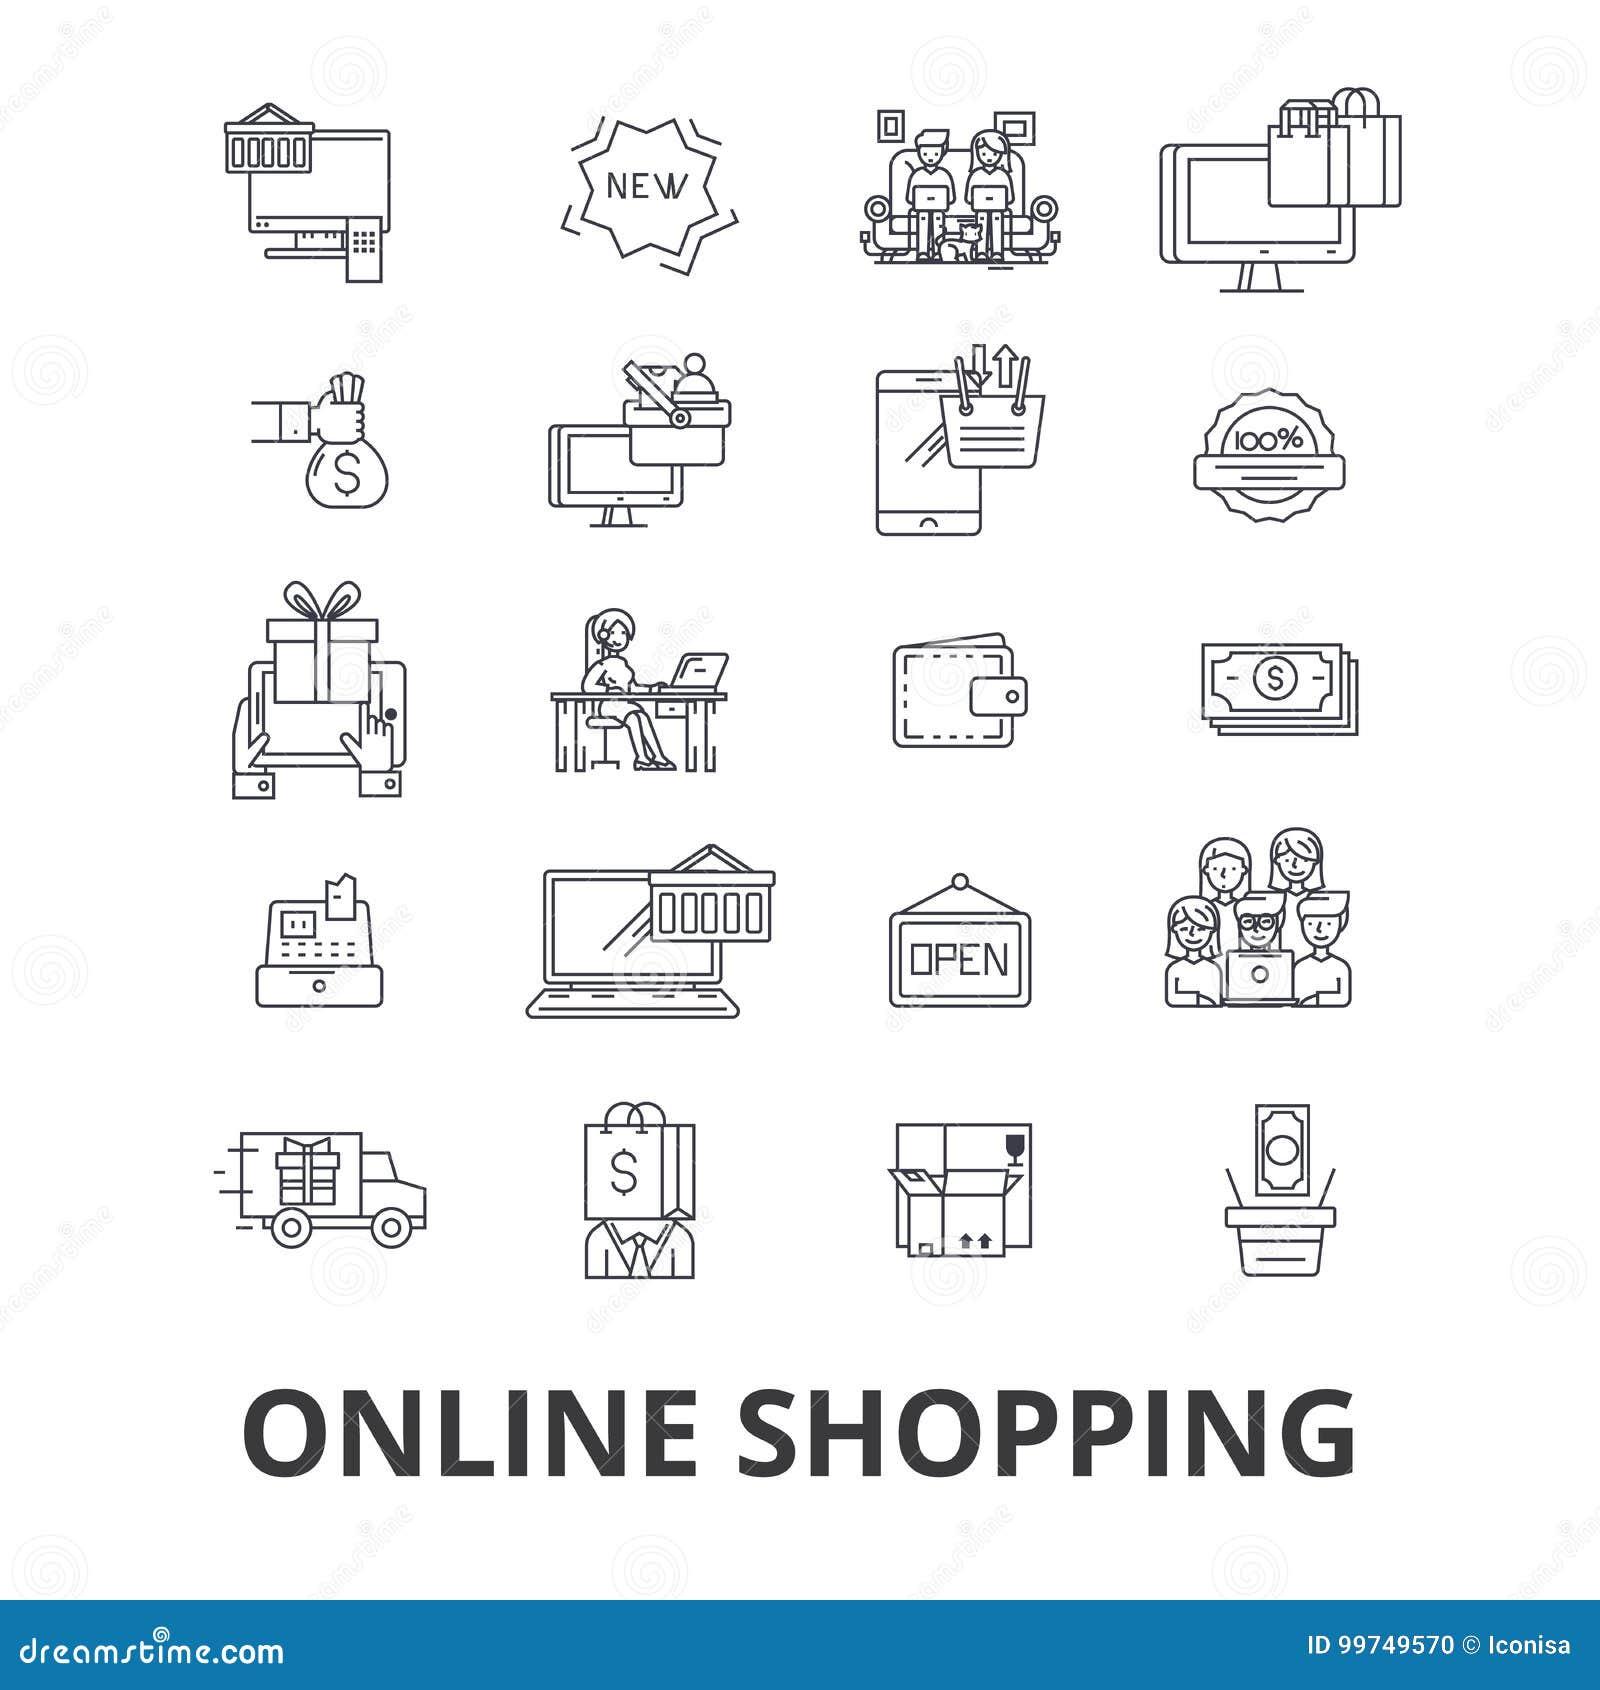 Αγοράστε on-line, αγορές, κατάστημα Διαδικτύου, ηλεκτρονικό εμπόριο, κάρρο, διαταγή, κινητά λιανικά εικονίδια γραμμών Κτυπήματα E